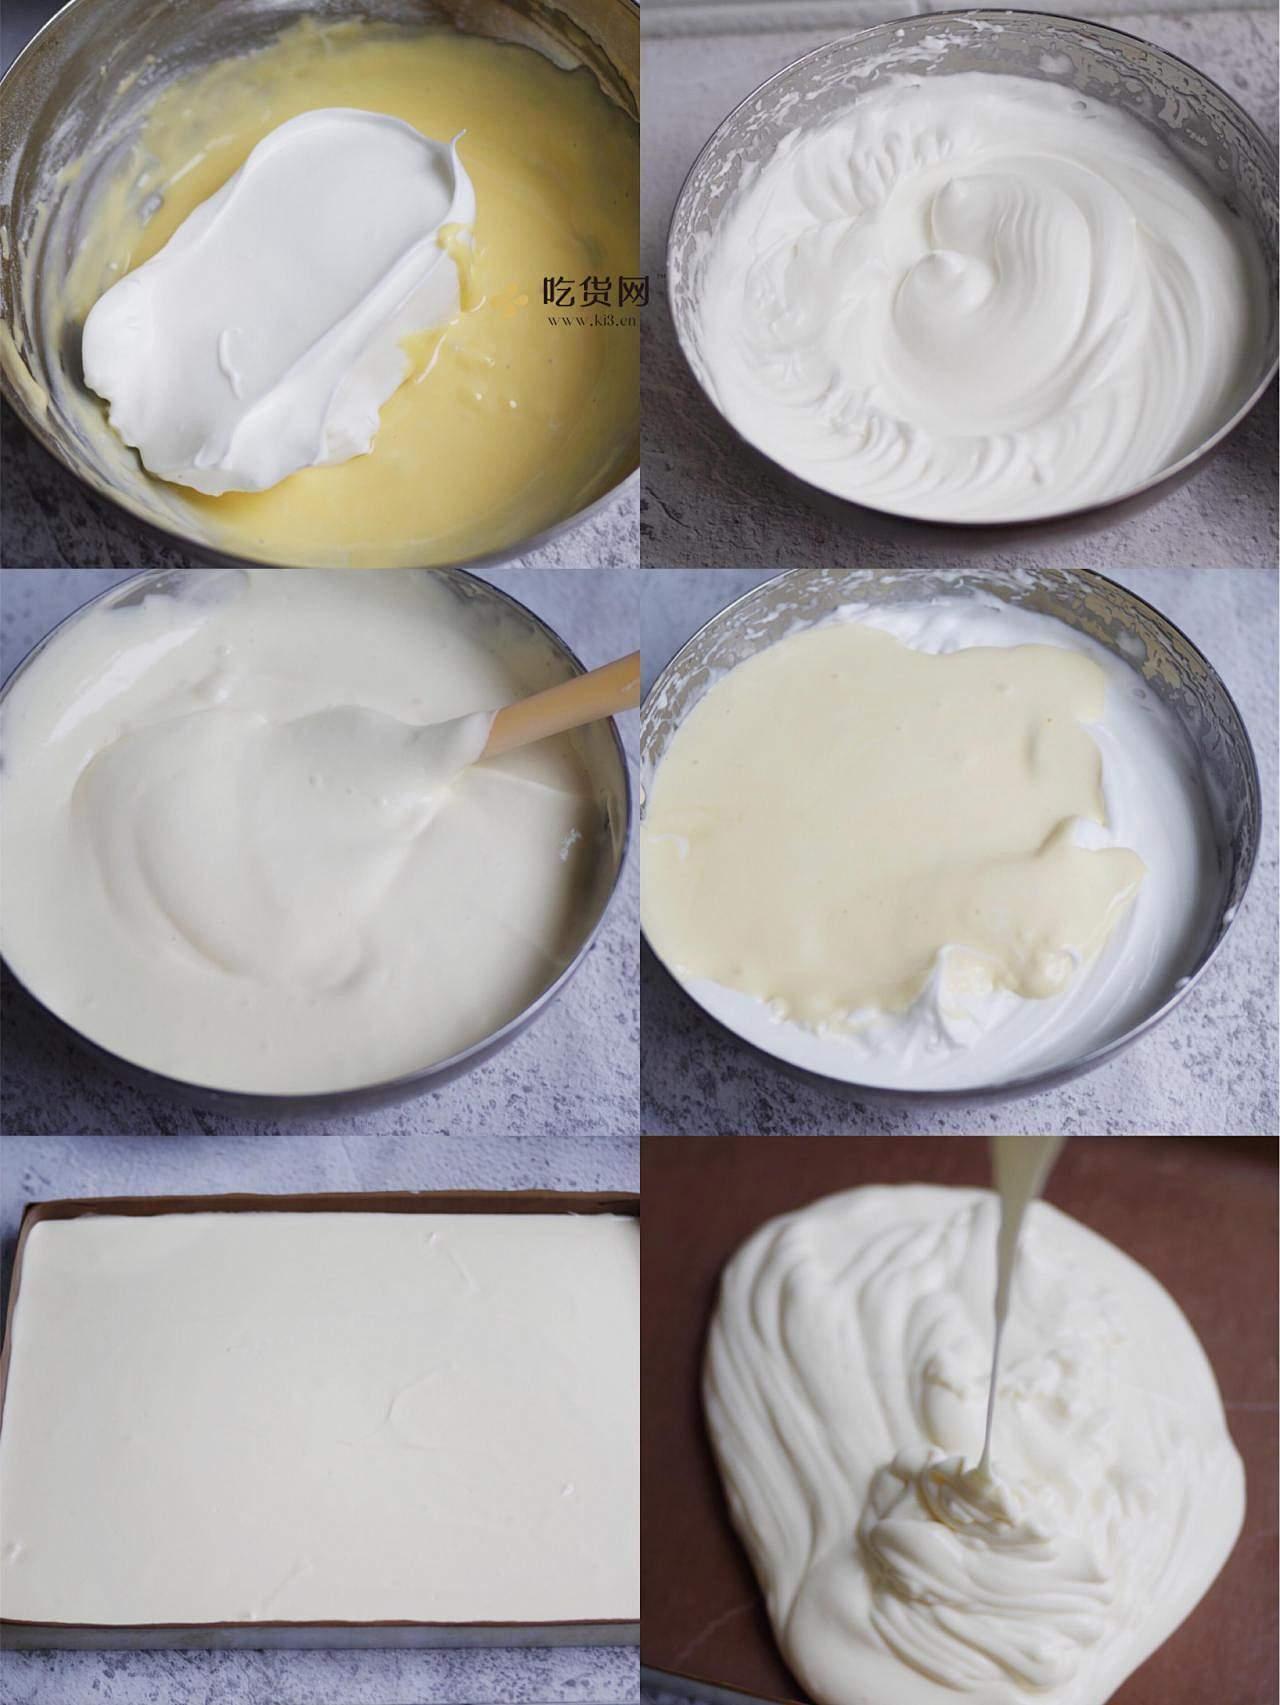 边吃边瘦的燃脂草莓蛋糕的做法 步骤6